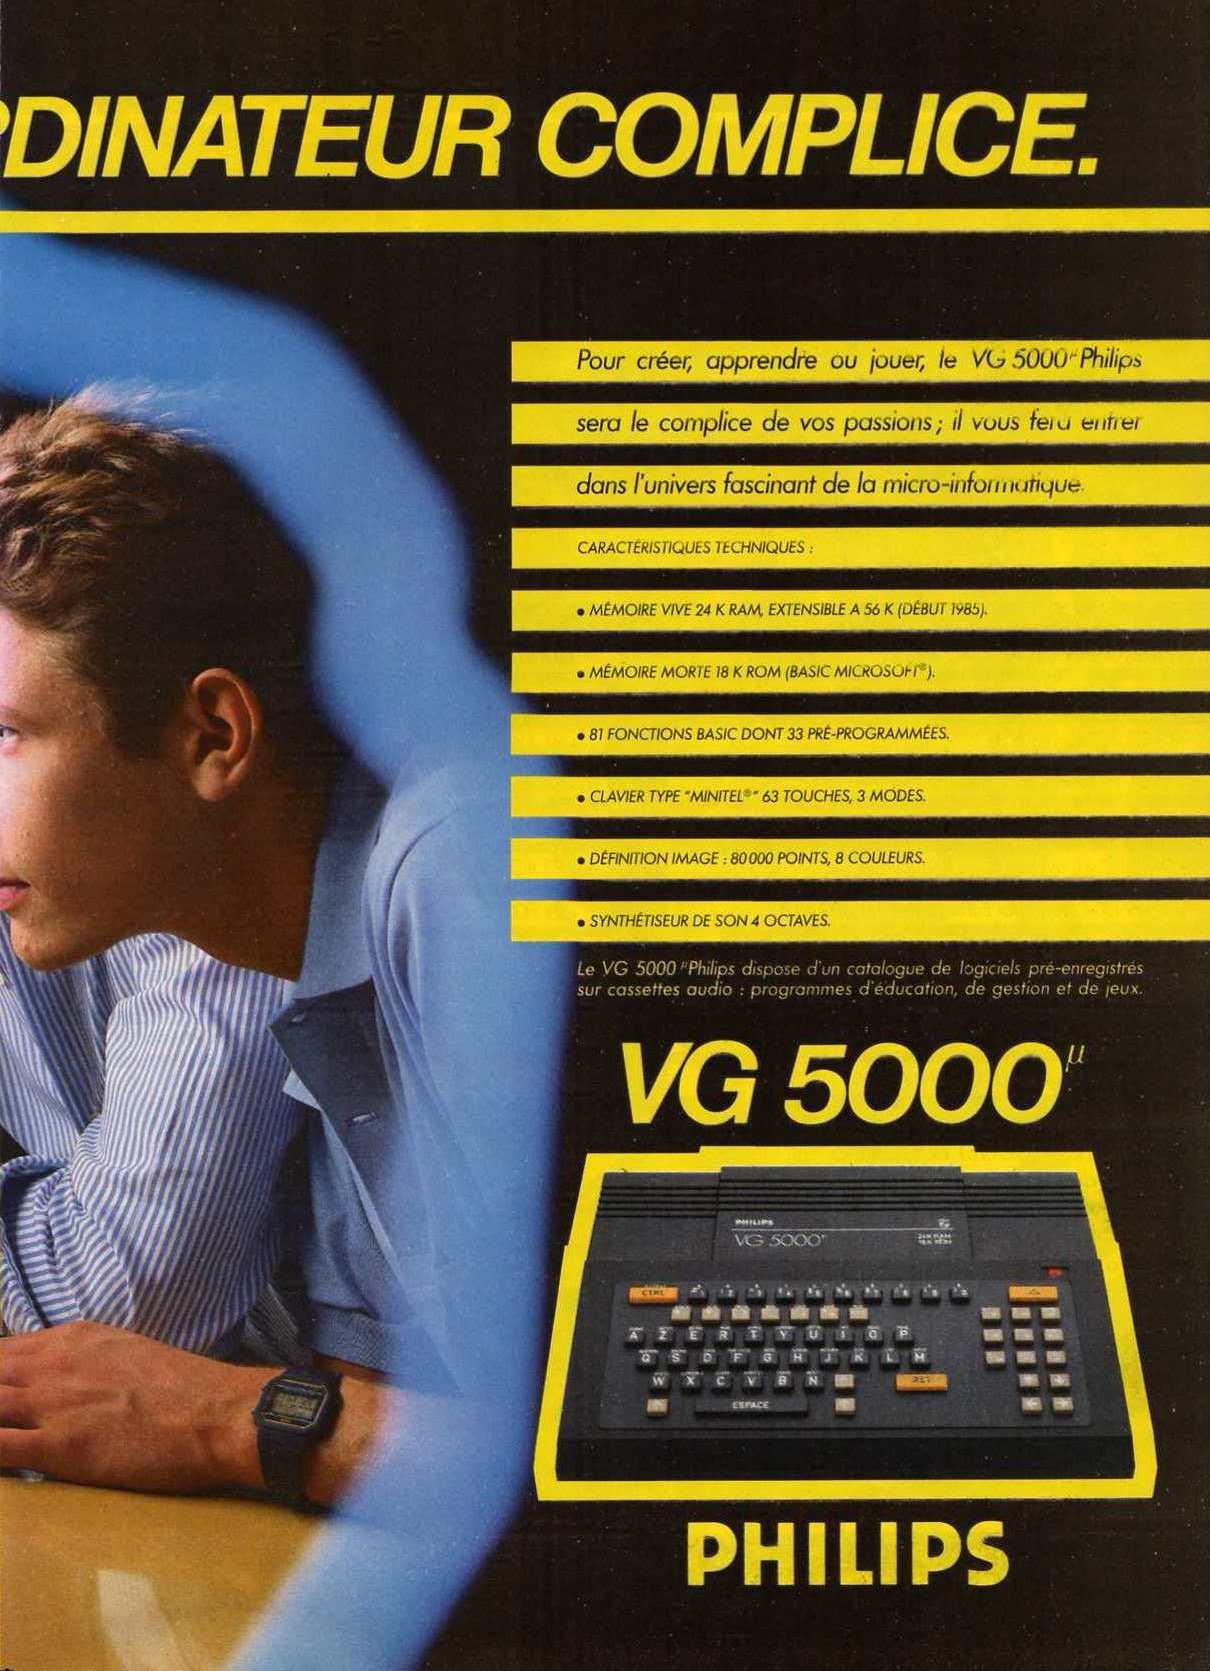 La plus belle pub pour un micro 8bit ? - Page 7 Sciences%26Vie%20Micro%2012%20Page091%20%281994-12%29